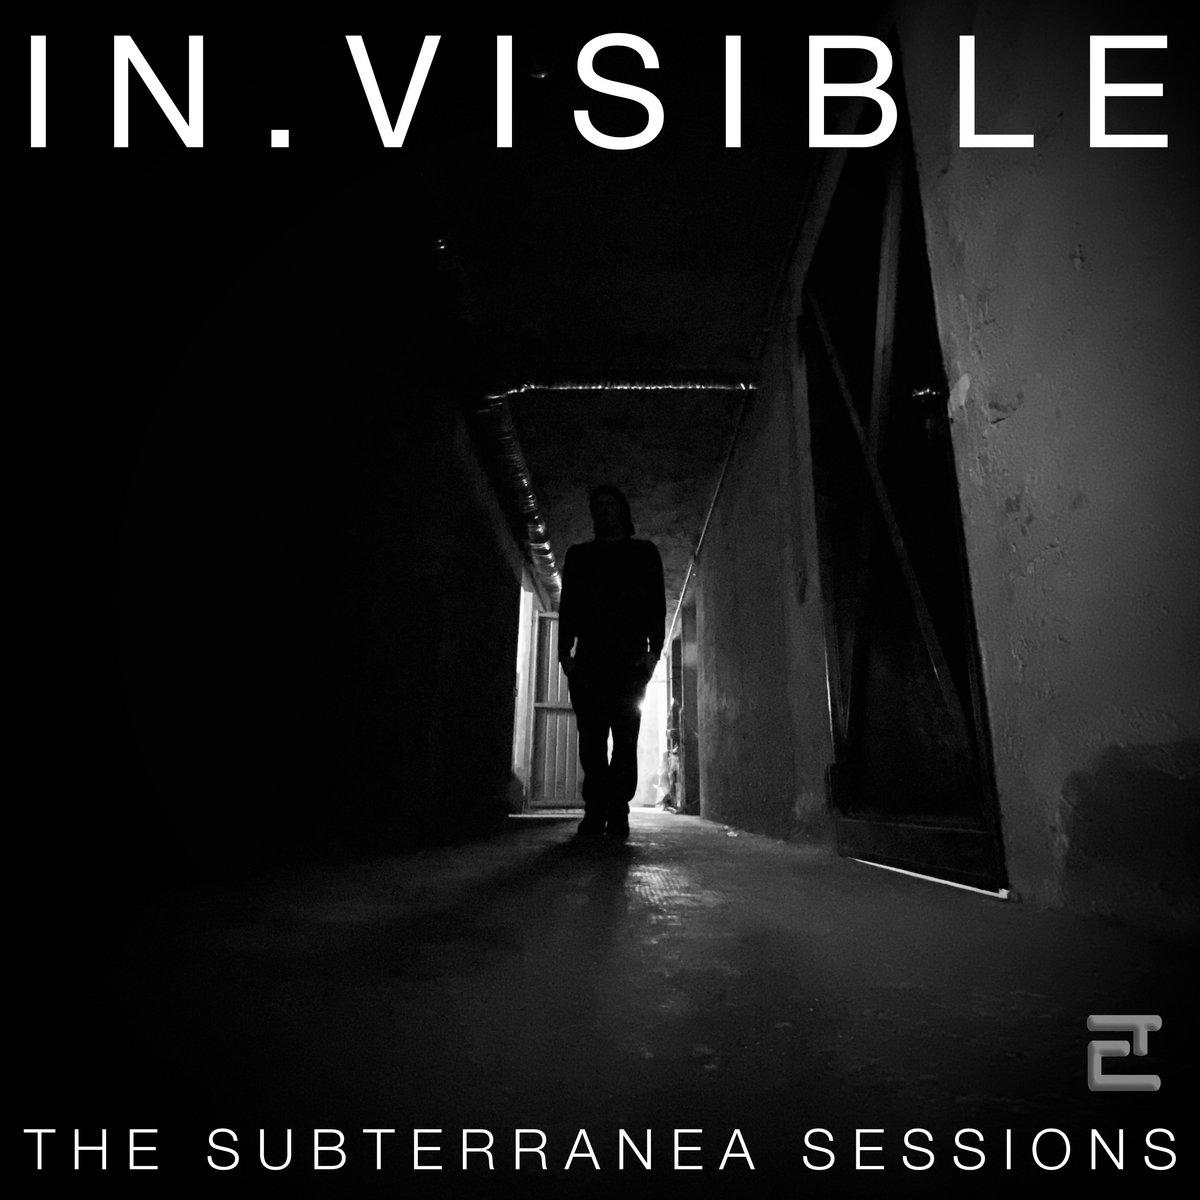 E96 (album) In.Visible: The Subterranea Sessions